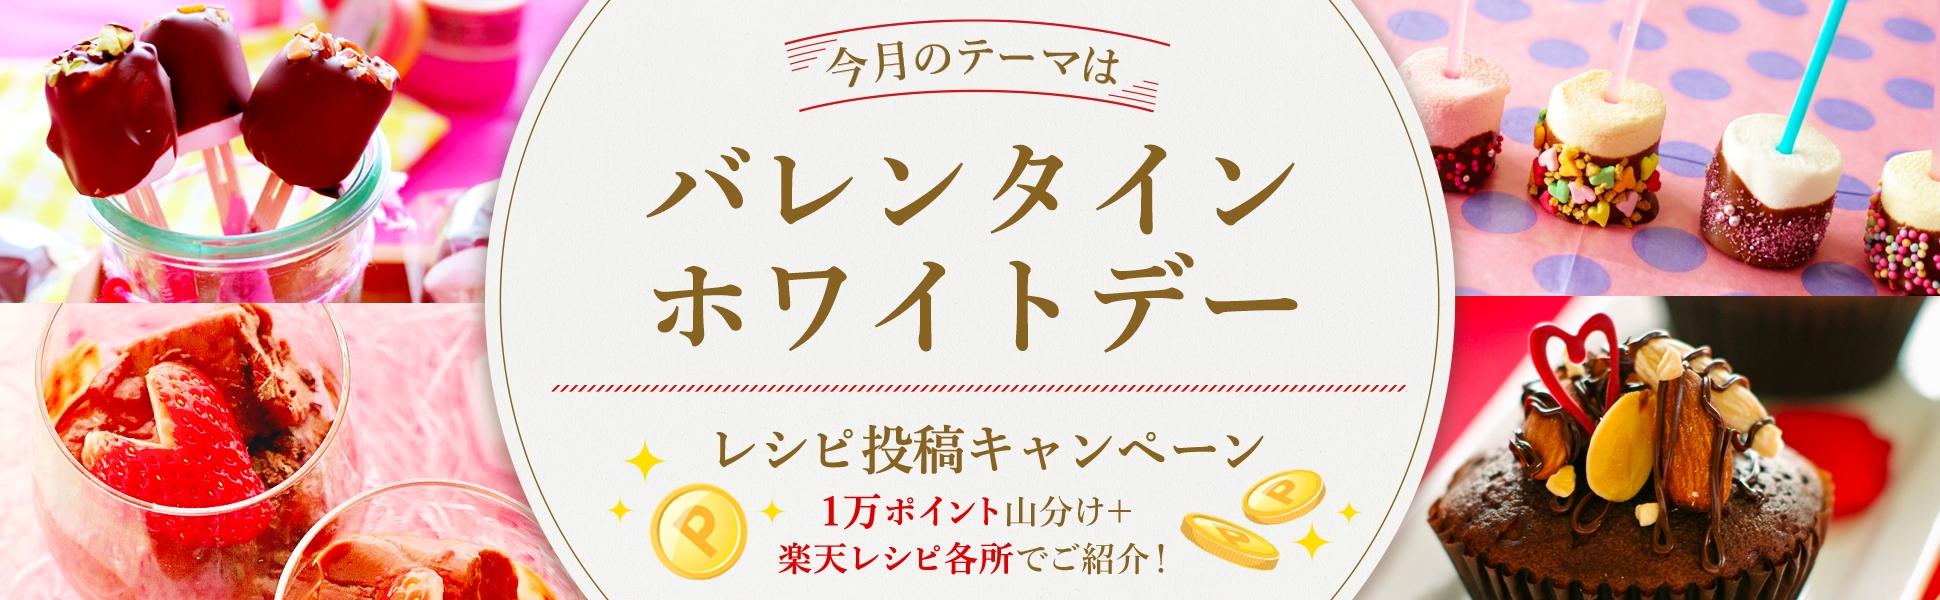 【毎月開催!】<今月のテーマは「バレンタイン/ホワイトデー」!>